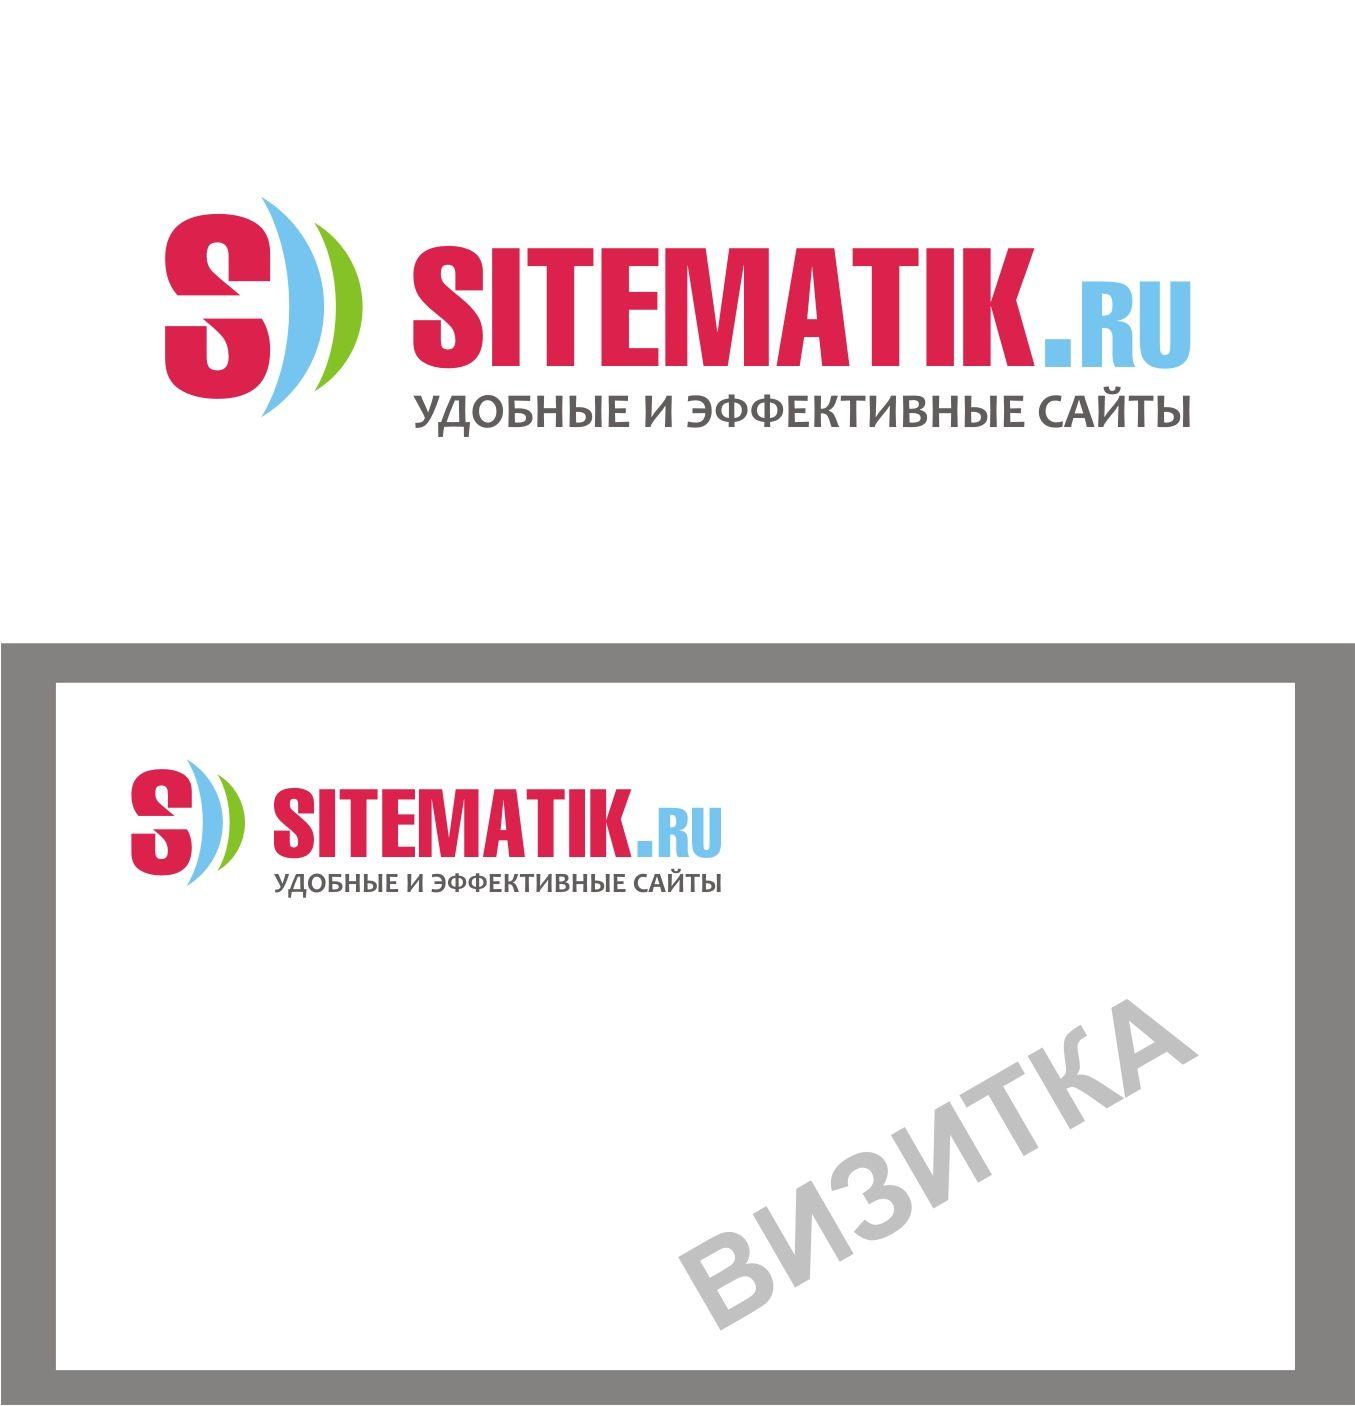 Логотип для Веб-студии - дизайнер LiXoOnshade